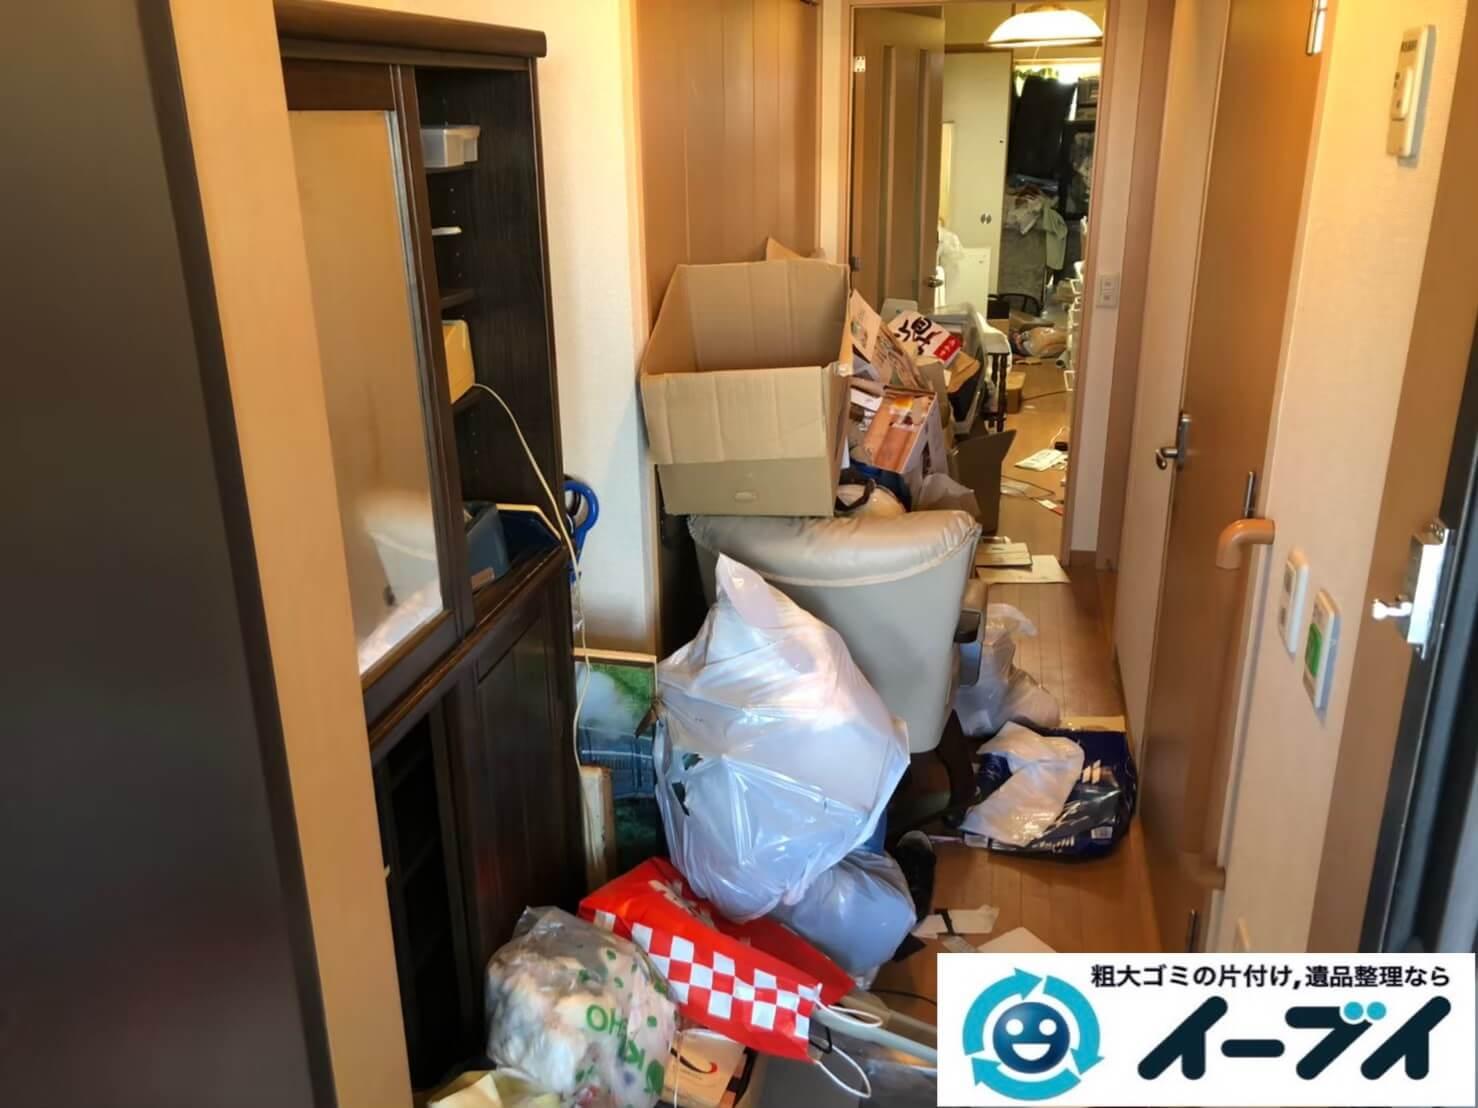 2020年9月18日大阪府守口市でゴミ屋敷化した汚部屋の片付けをさせていただきました。写真1